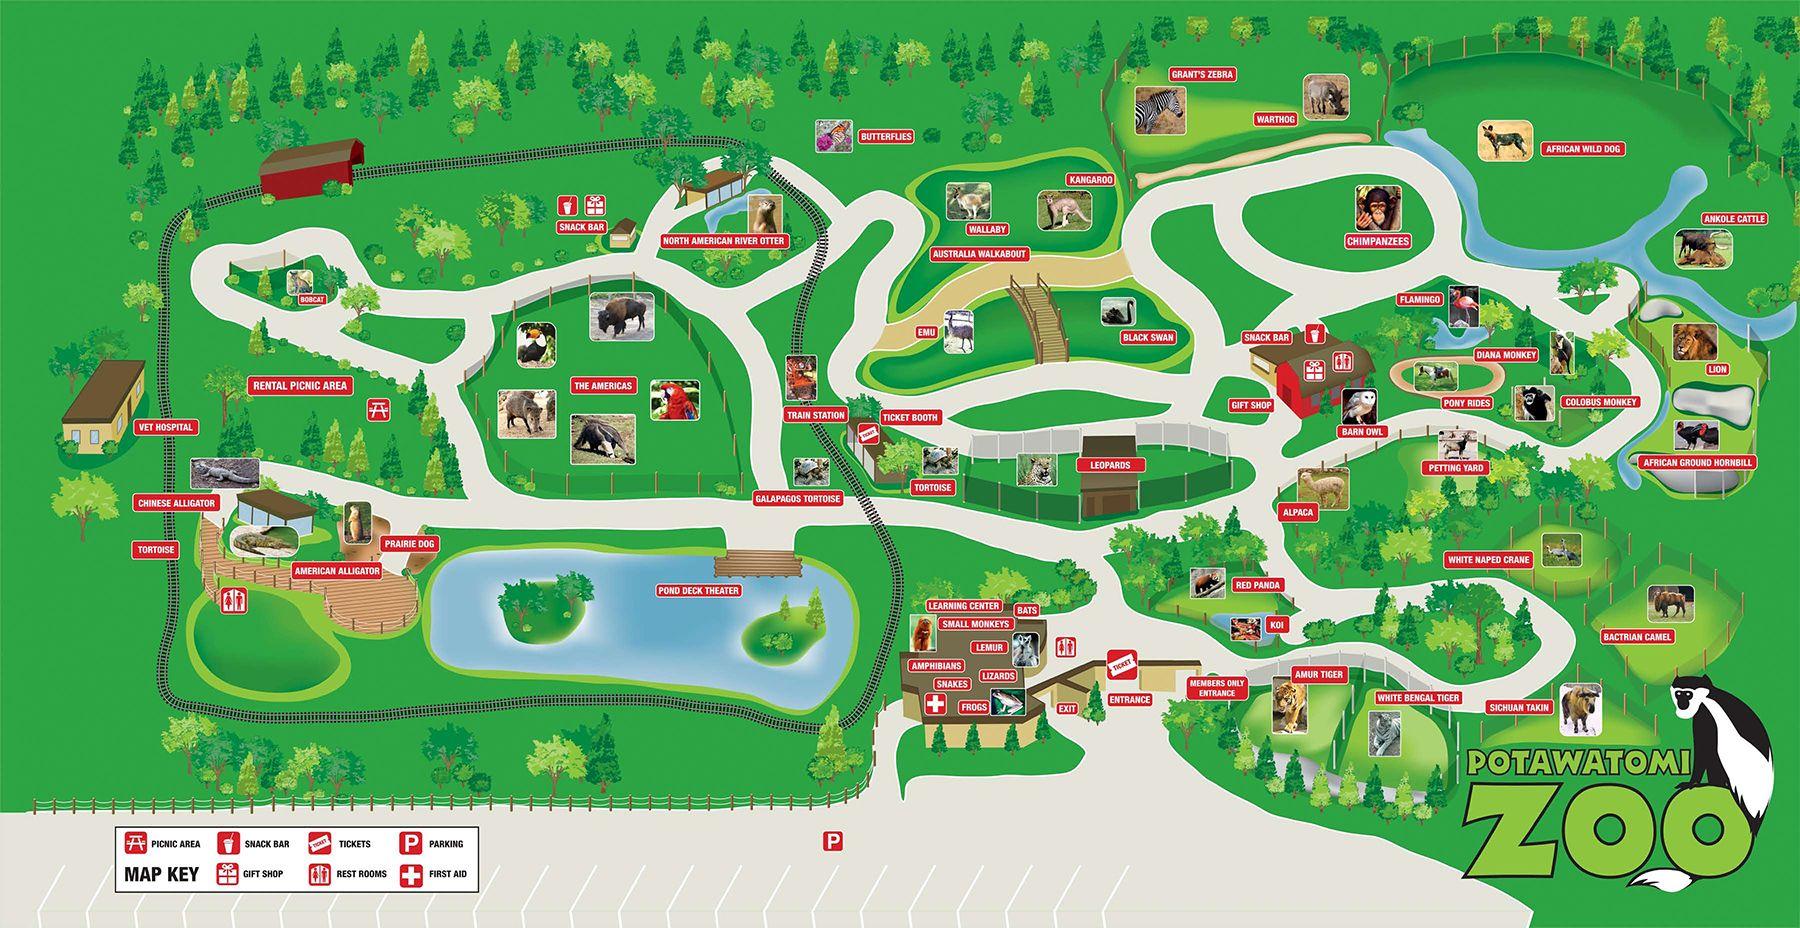 potawatomi zoo map Zoo Map Potawatomi Zoo our zoo Pinterest